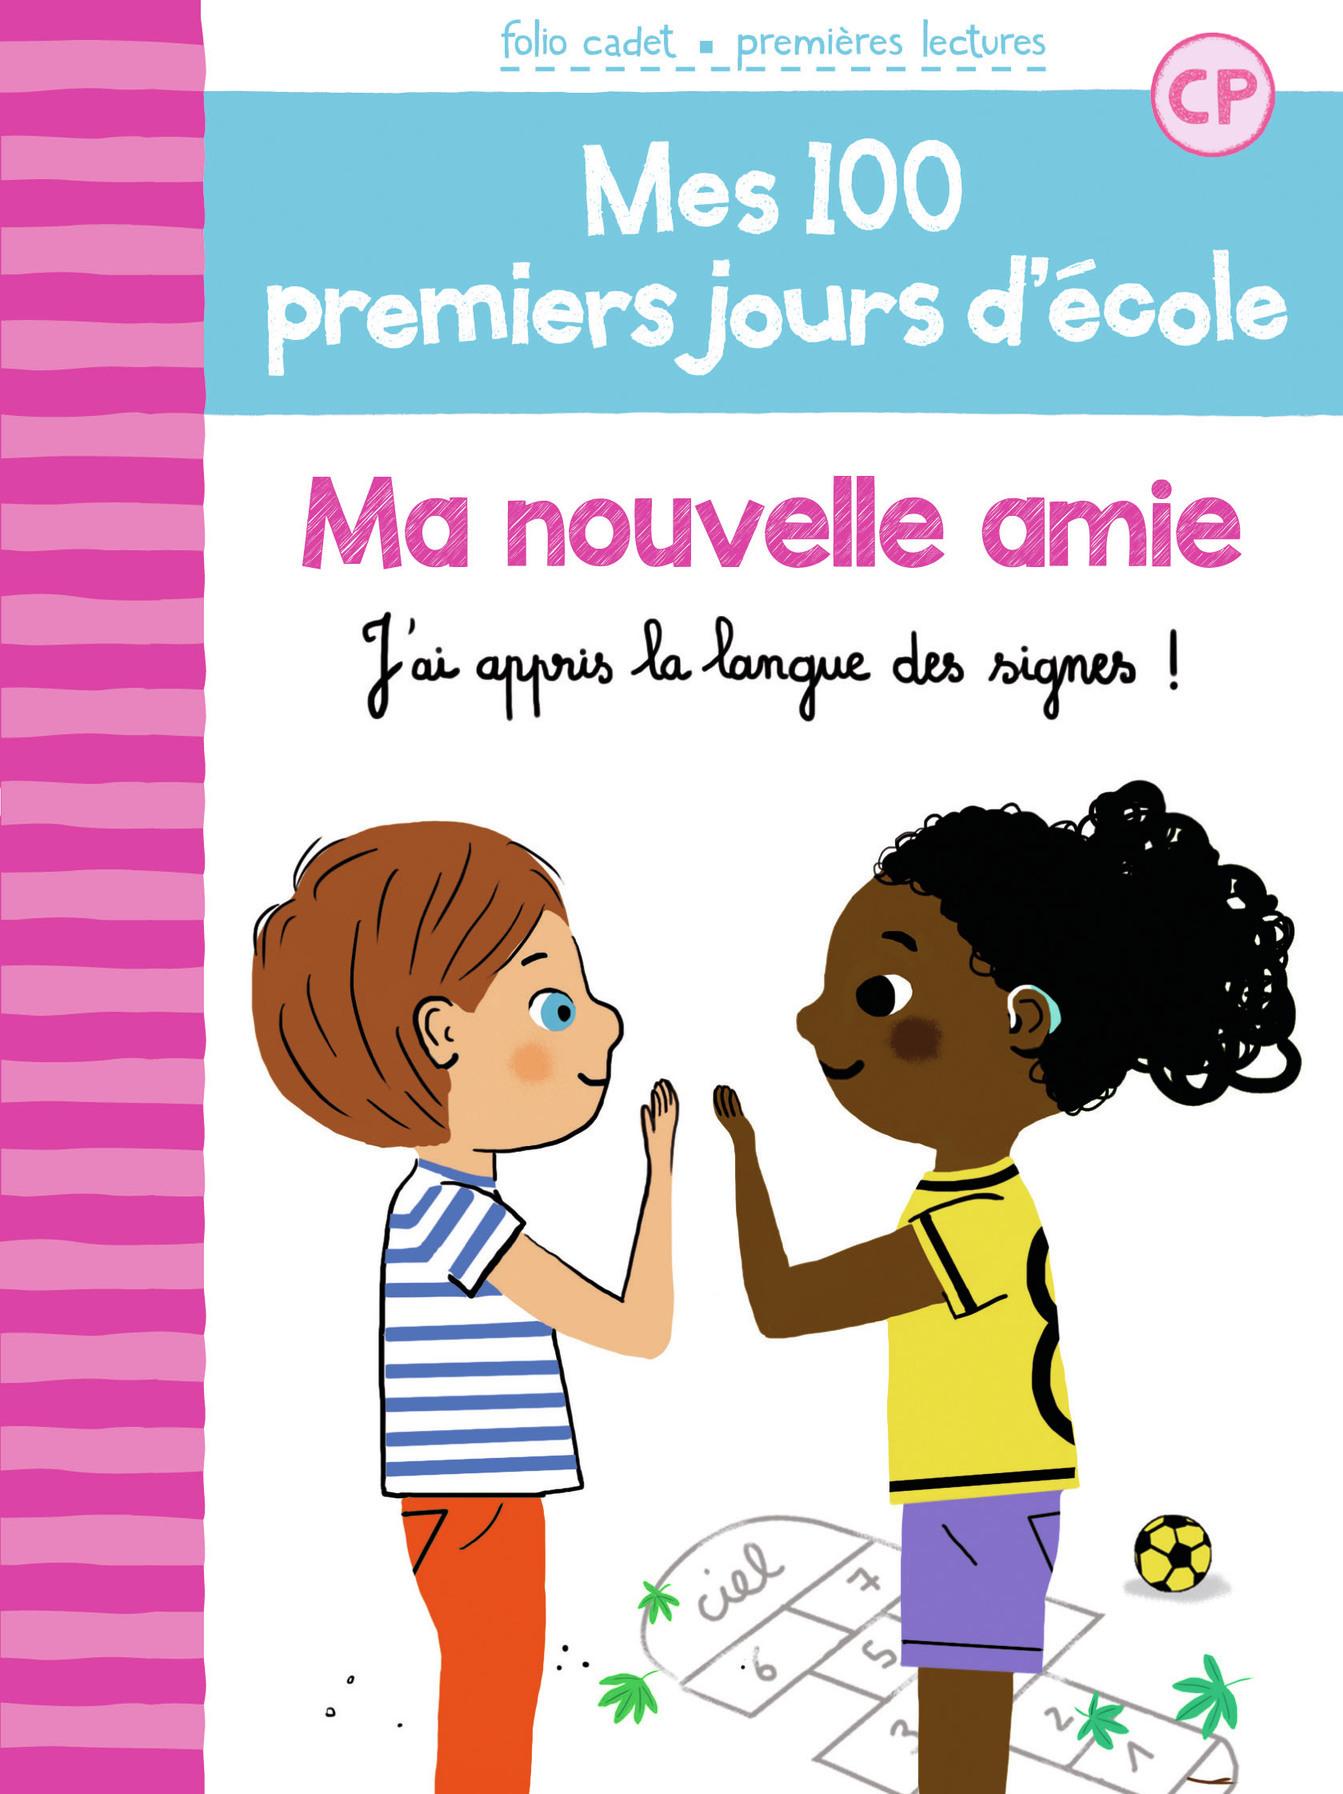 MES 100 PREMIERS JOURS D'ECOLE, 11 : MA NOUVELLE AMIE - J'AI APPRIS LA LANGUE DES SIGNES !